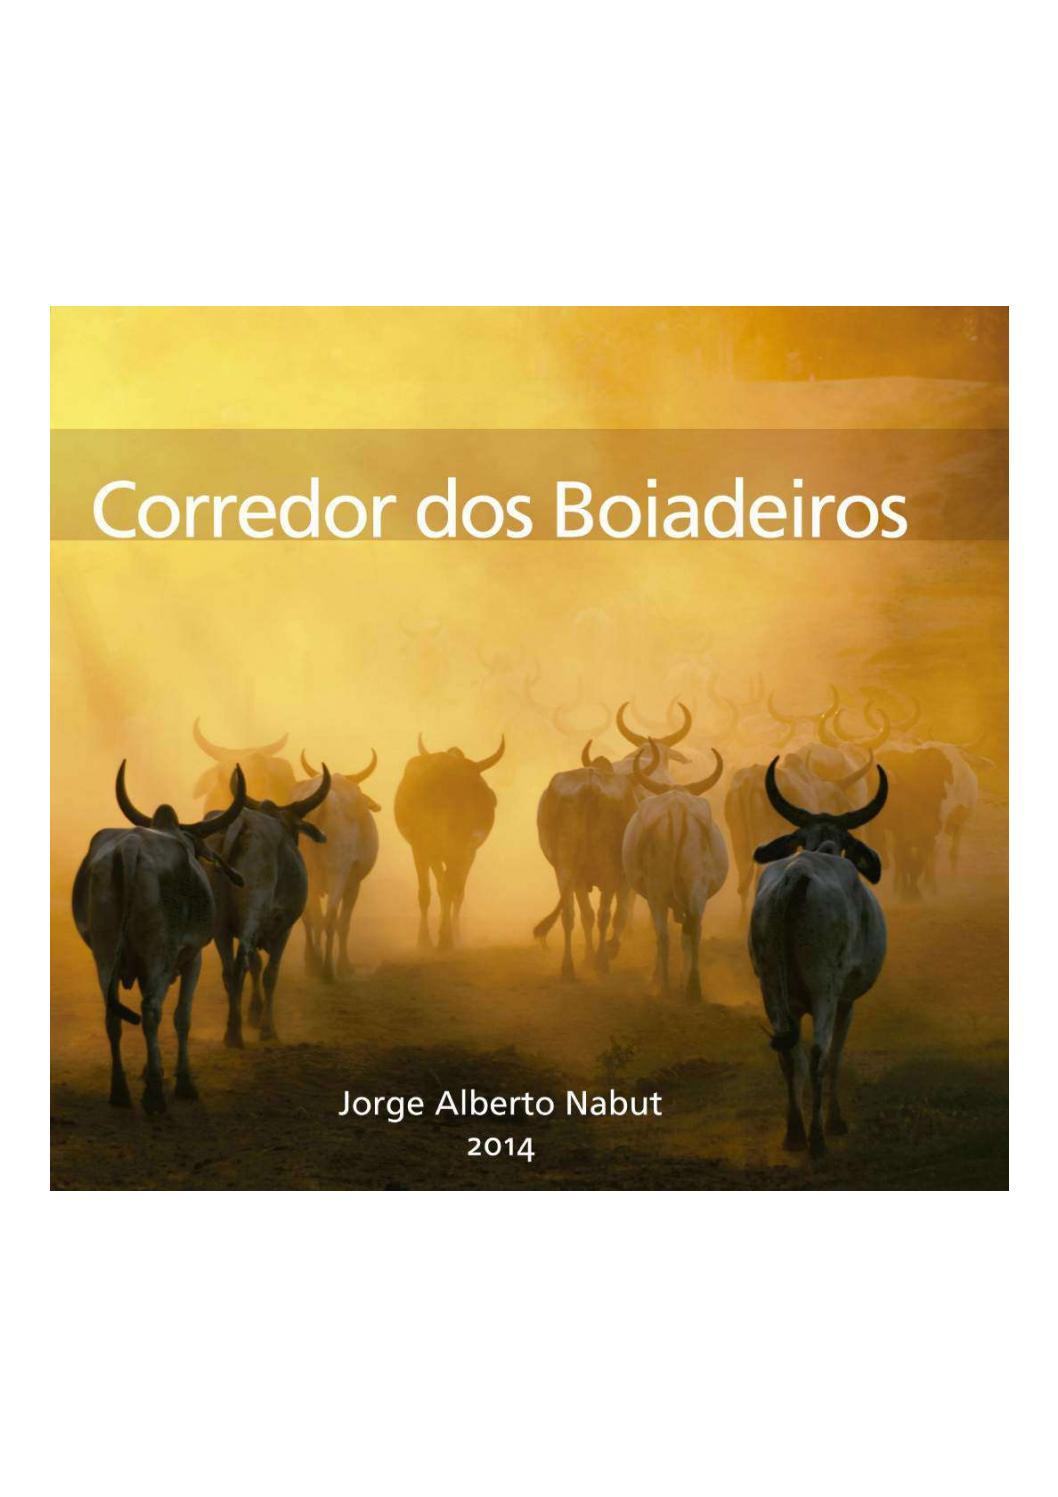 7aff446057a Corredor dos Boiadeiros by jorgealbertonabut - issuu